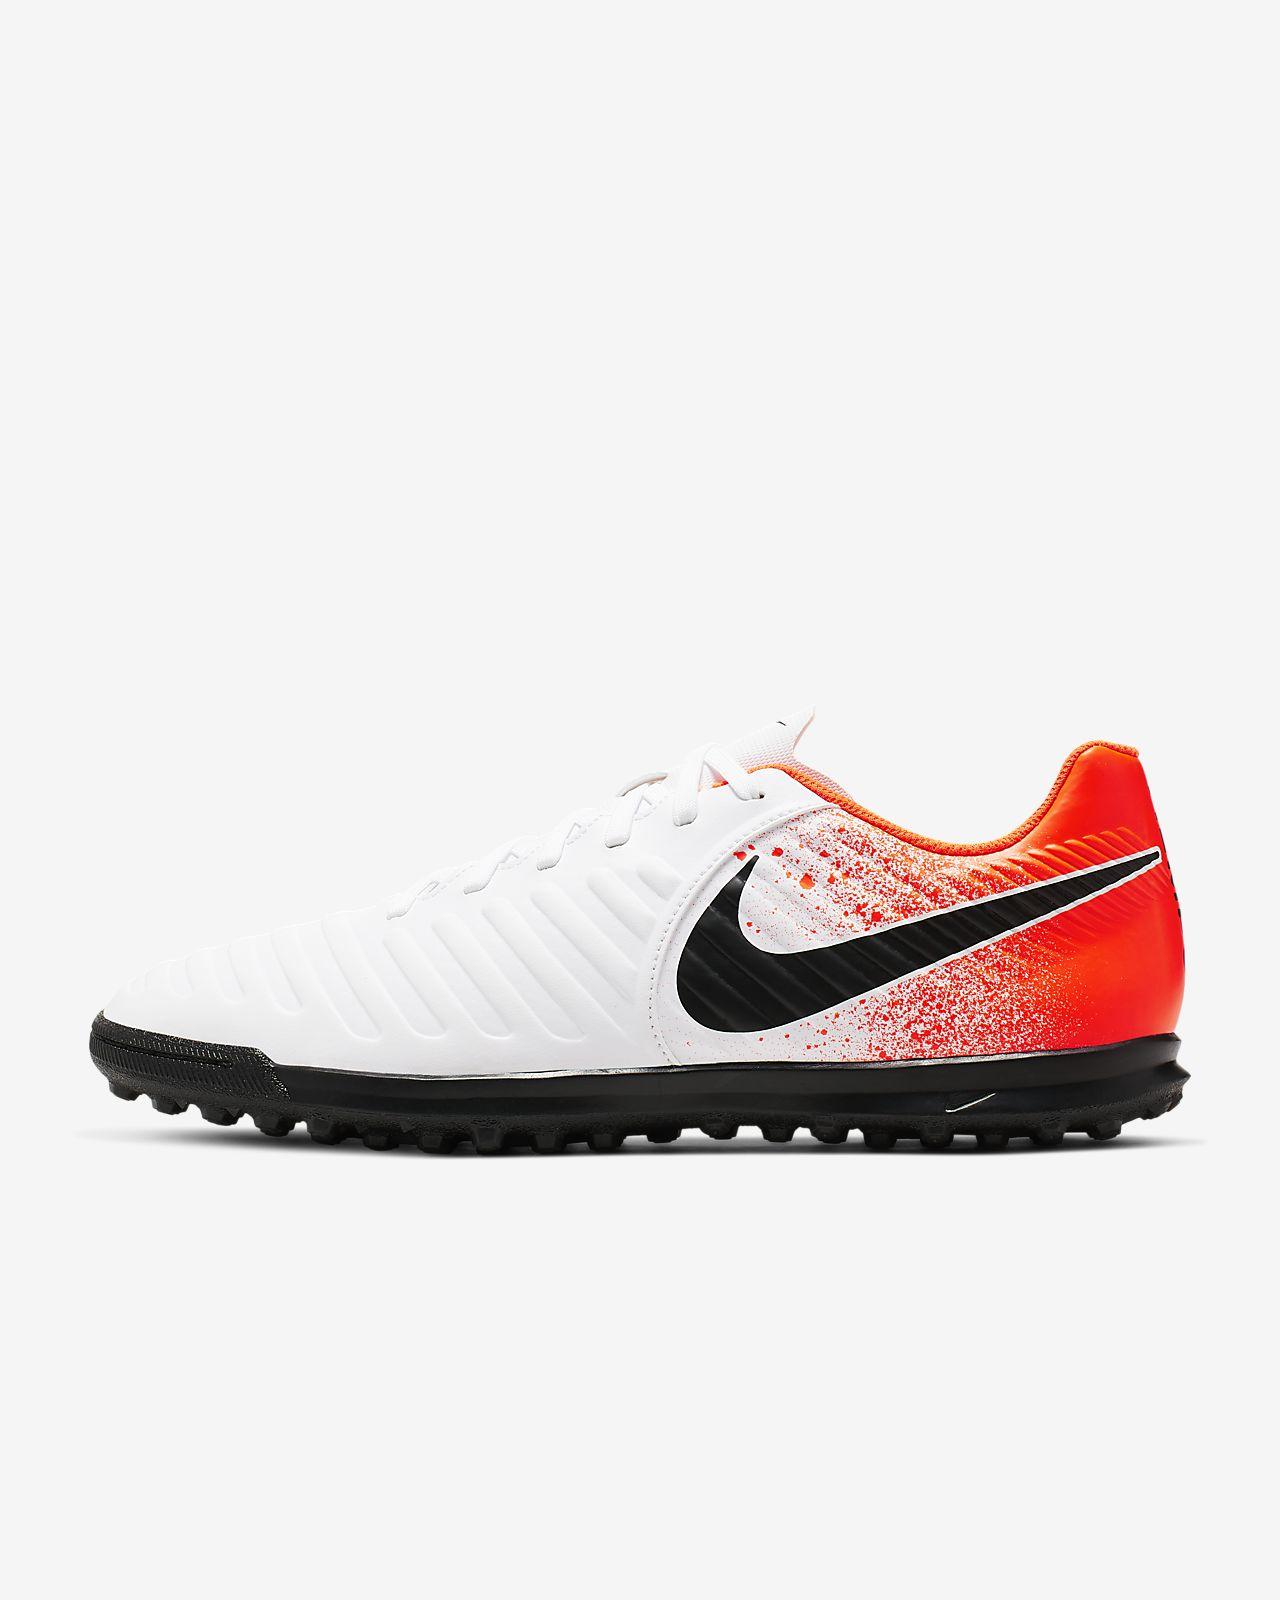 รองเท้าฟุตบอลสำหรับพื้นสนามหญ้าเทียม Nike LegendX 7 Club TF